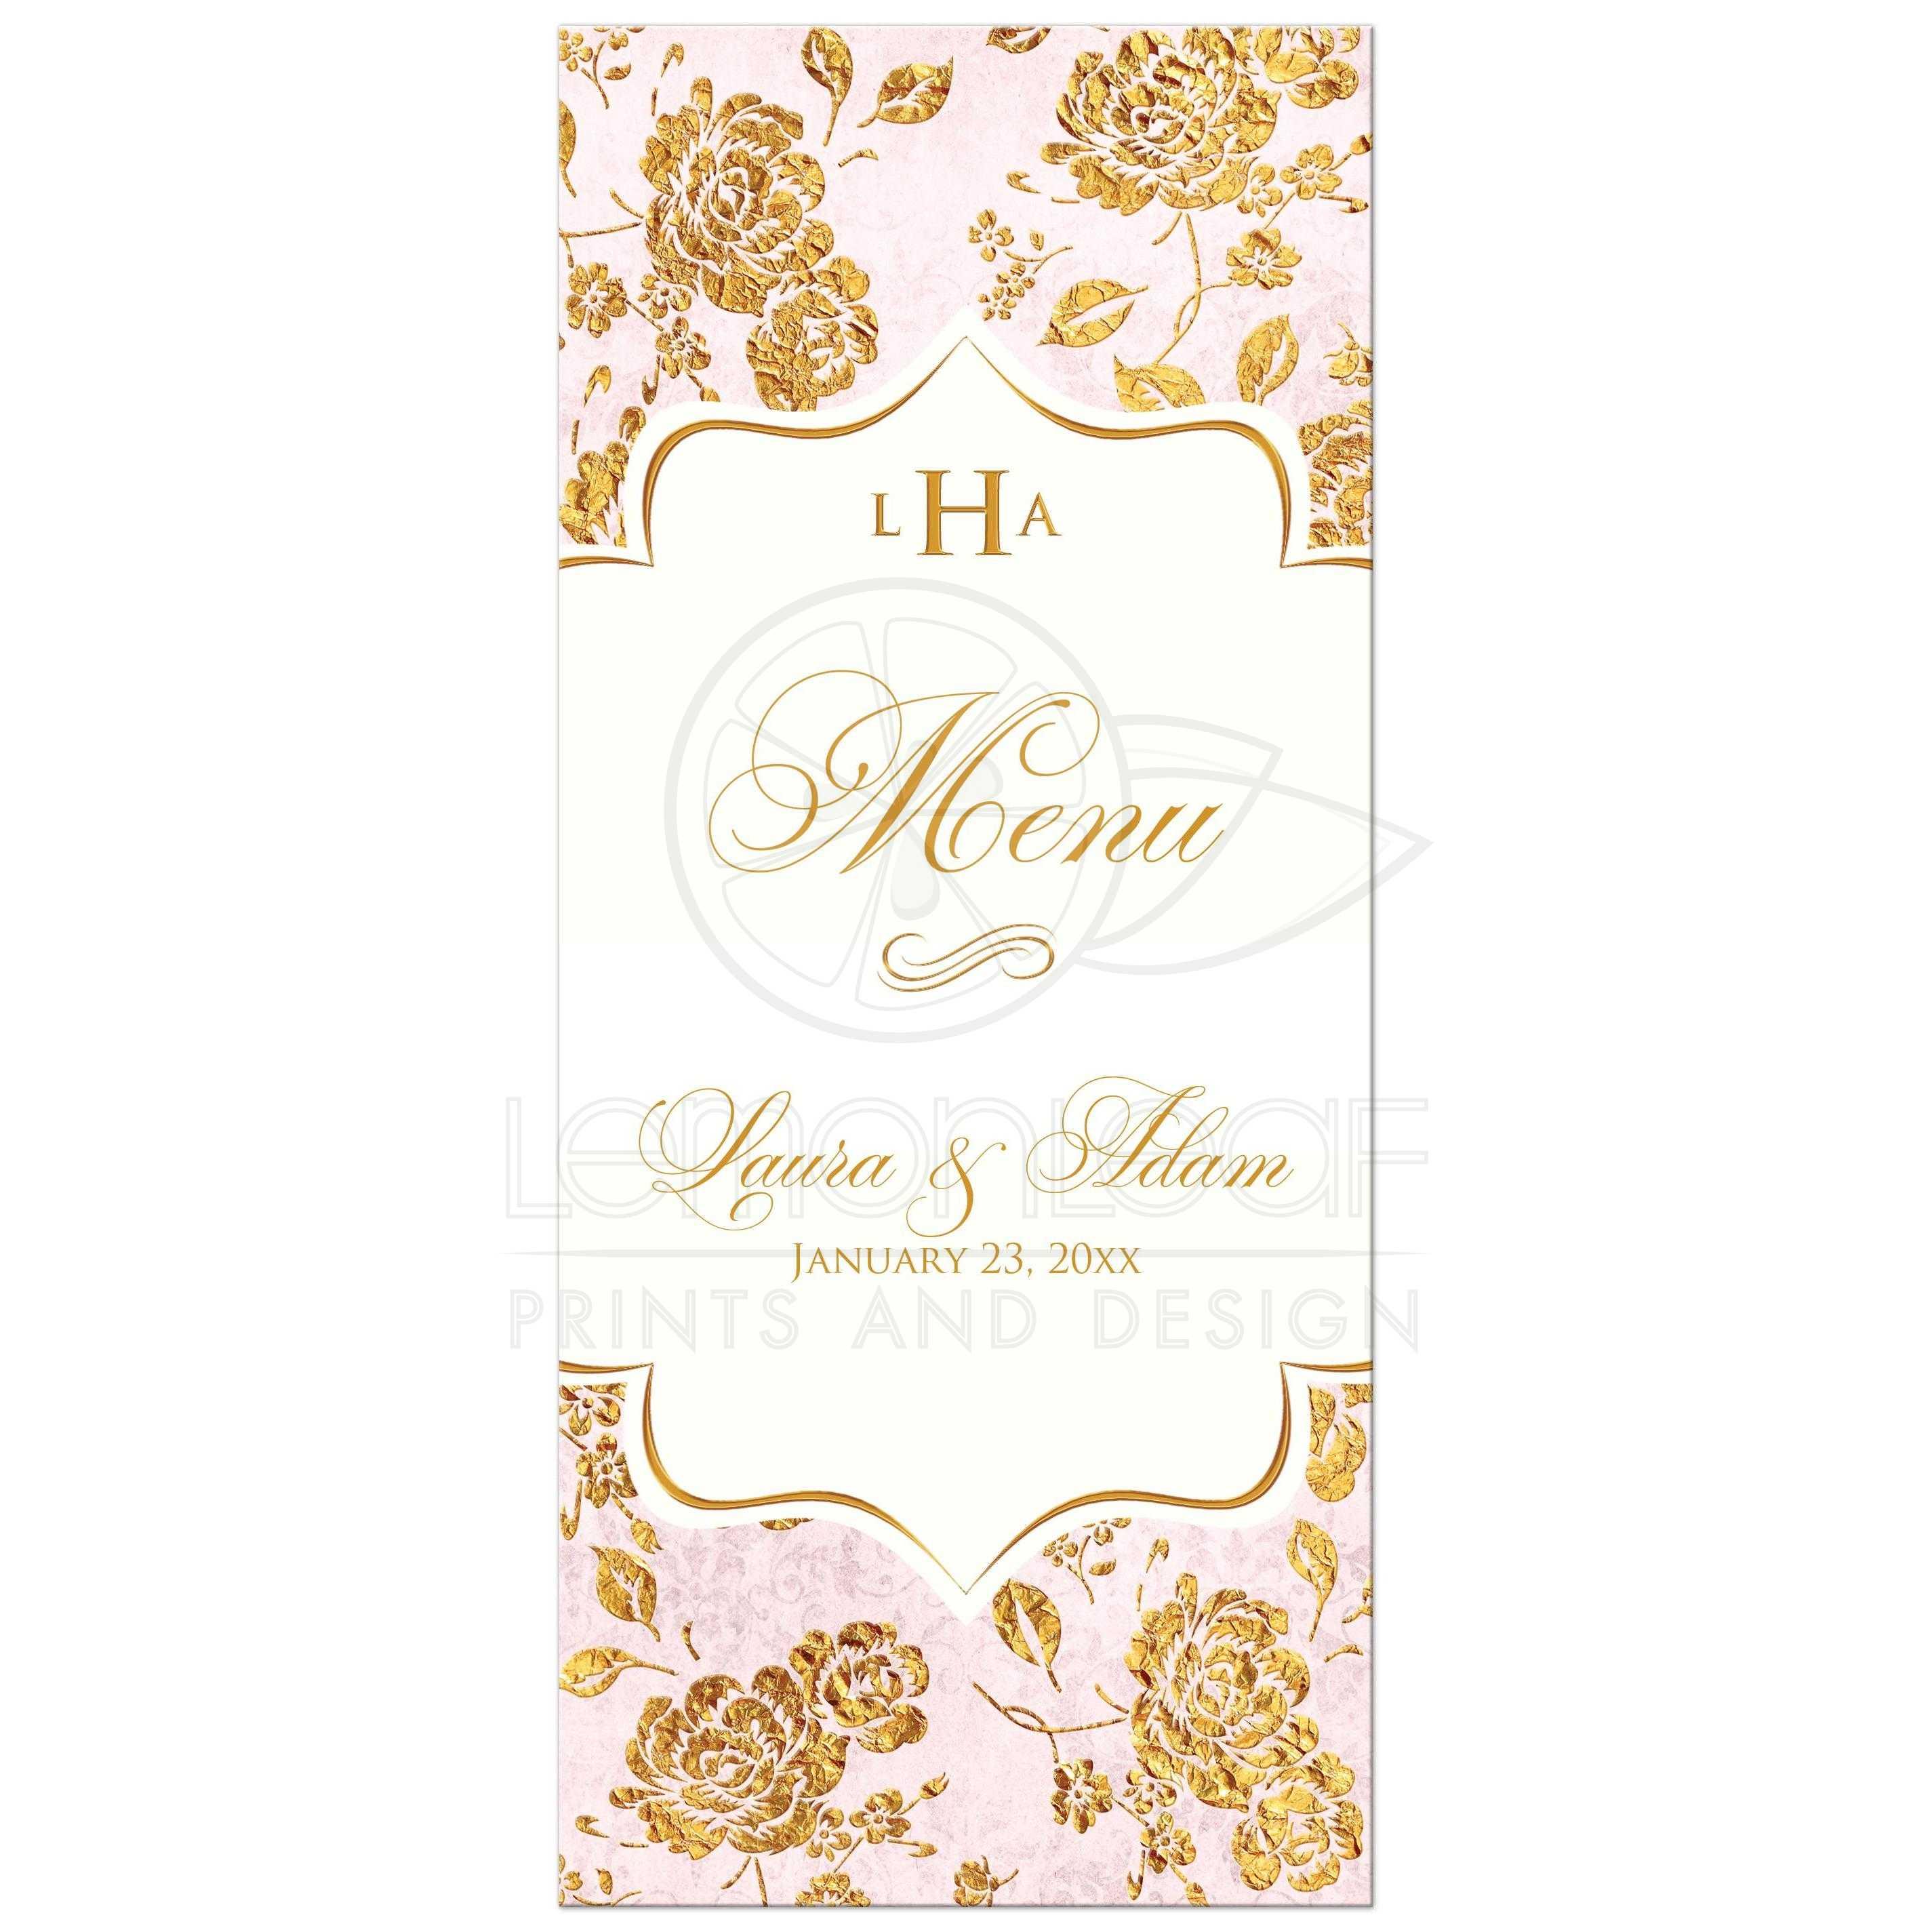 Monogrammed vintage floral wedding menu gold leaf faux flowers monogrammed blush pink ivory and gold floral wedding menu card junglespirit Images